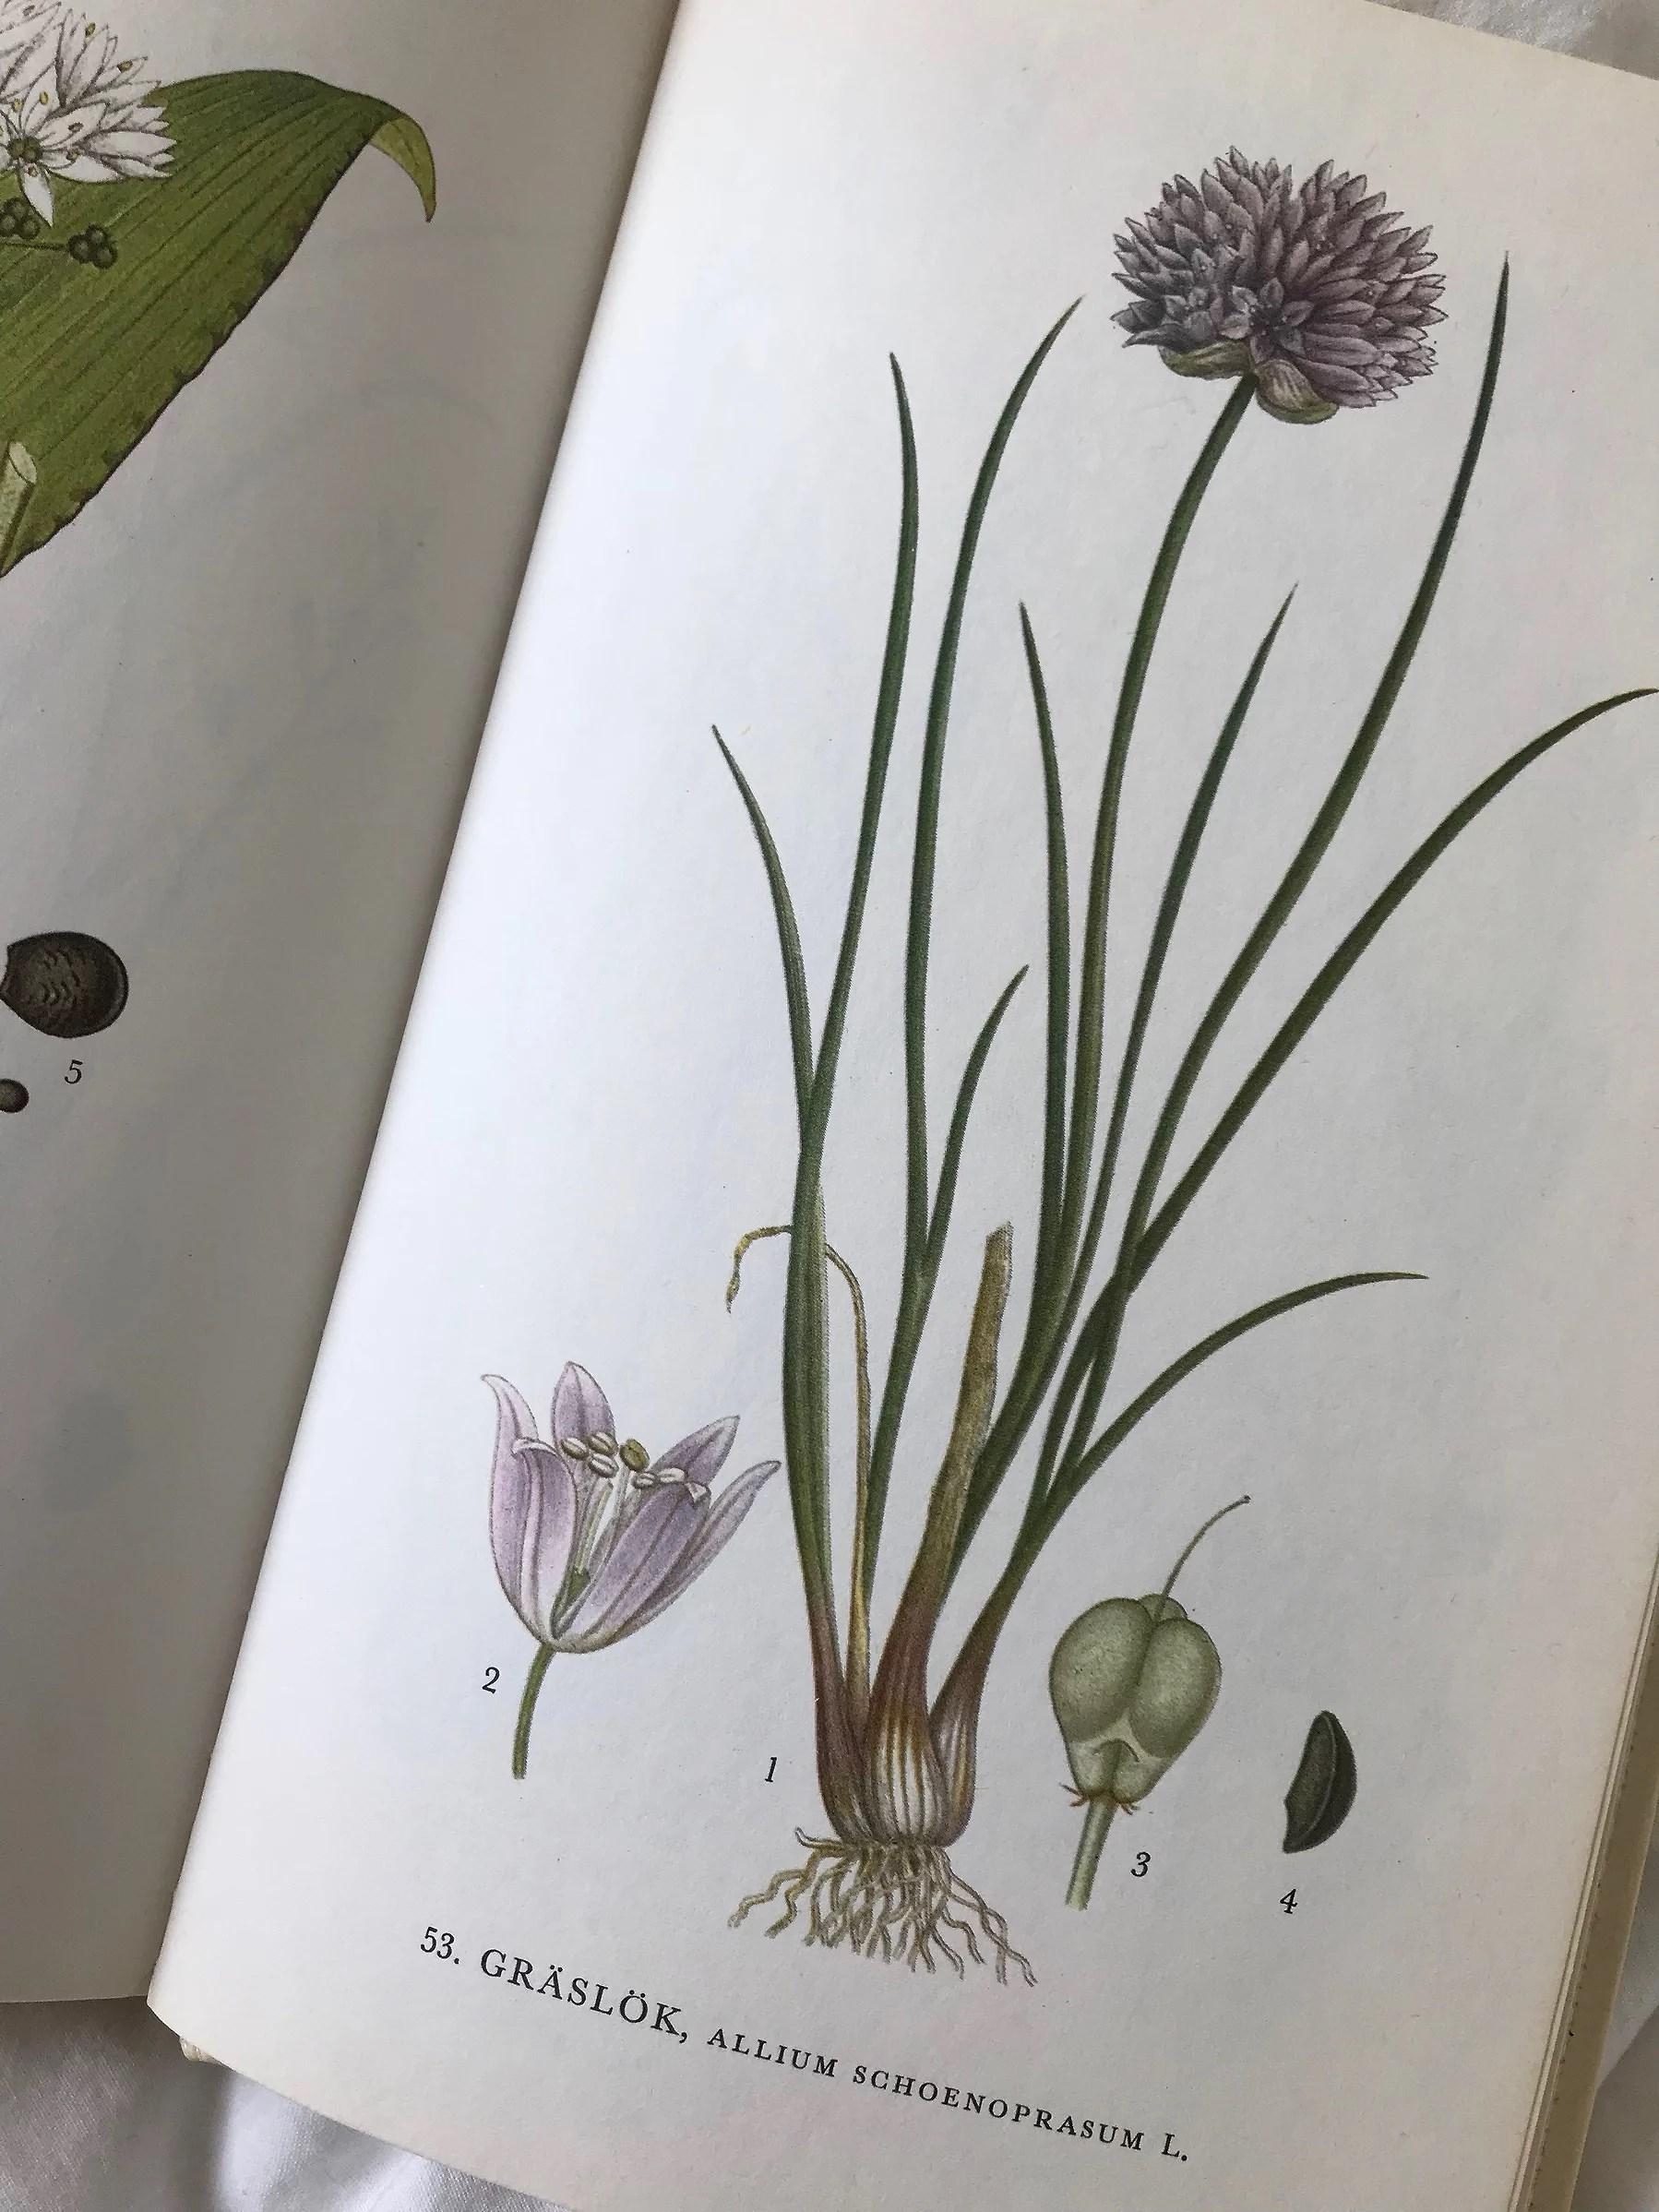 Flora. Nordens flora. Botanik. Botanik poster. Loppisfynd. Second hand. Handla på loppis.